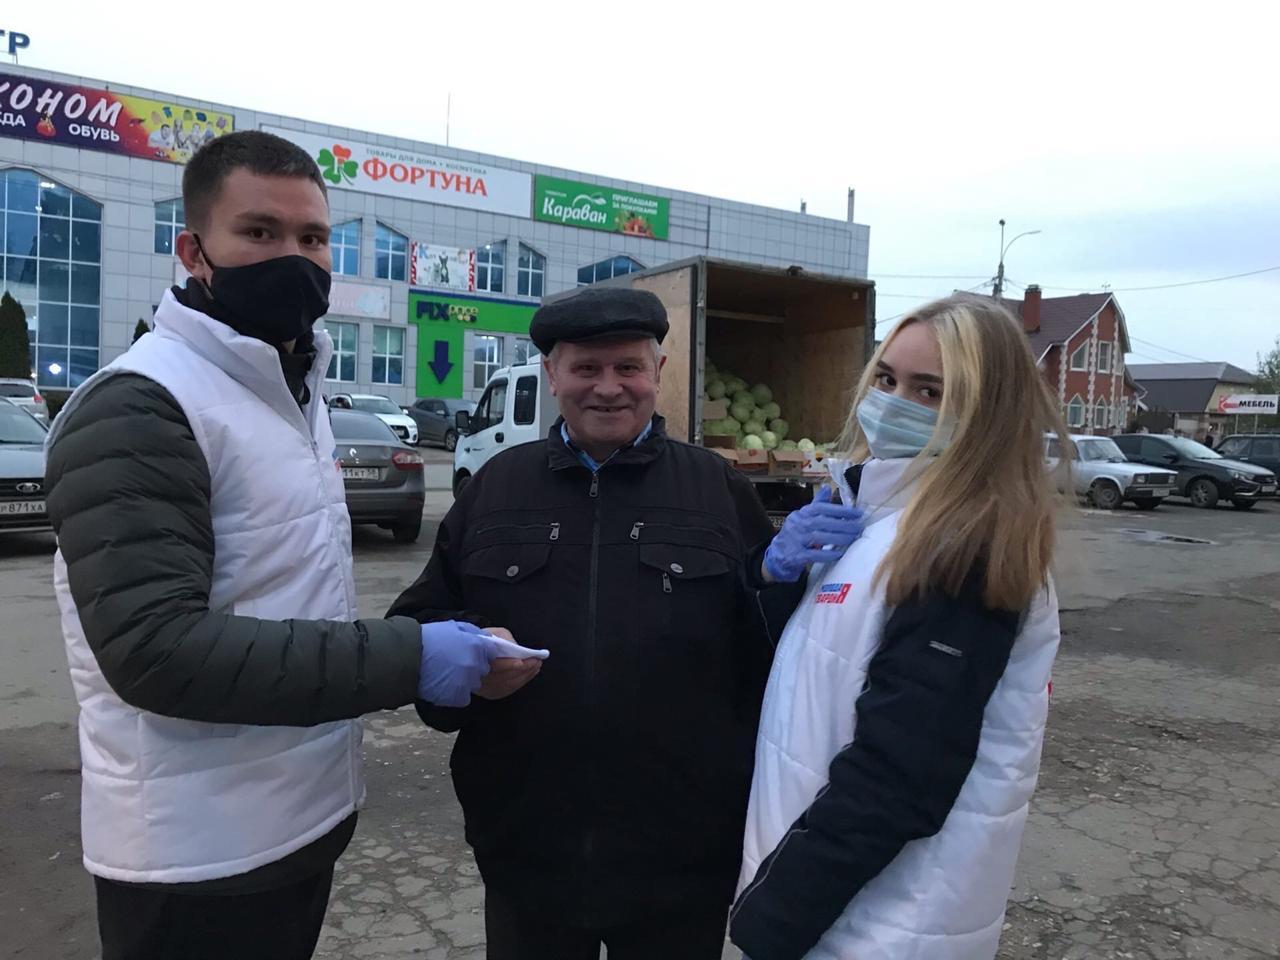 Волонтеры бесплатно раздают маски жителям города